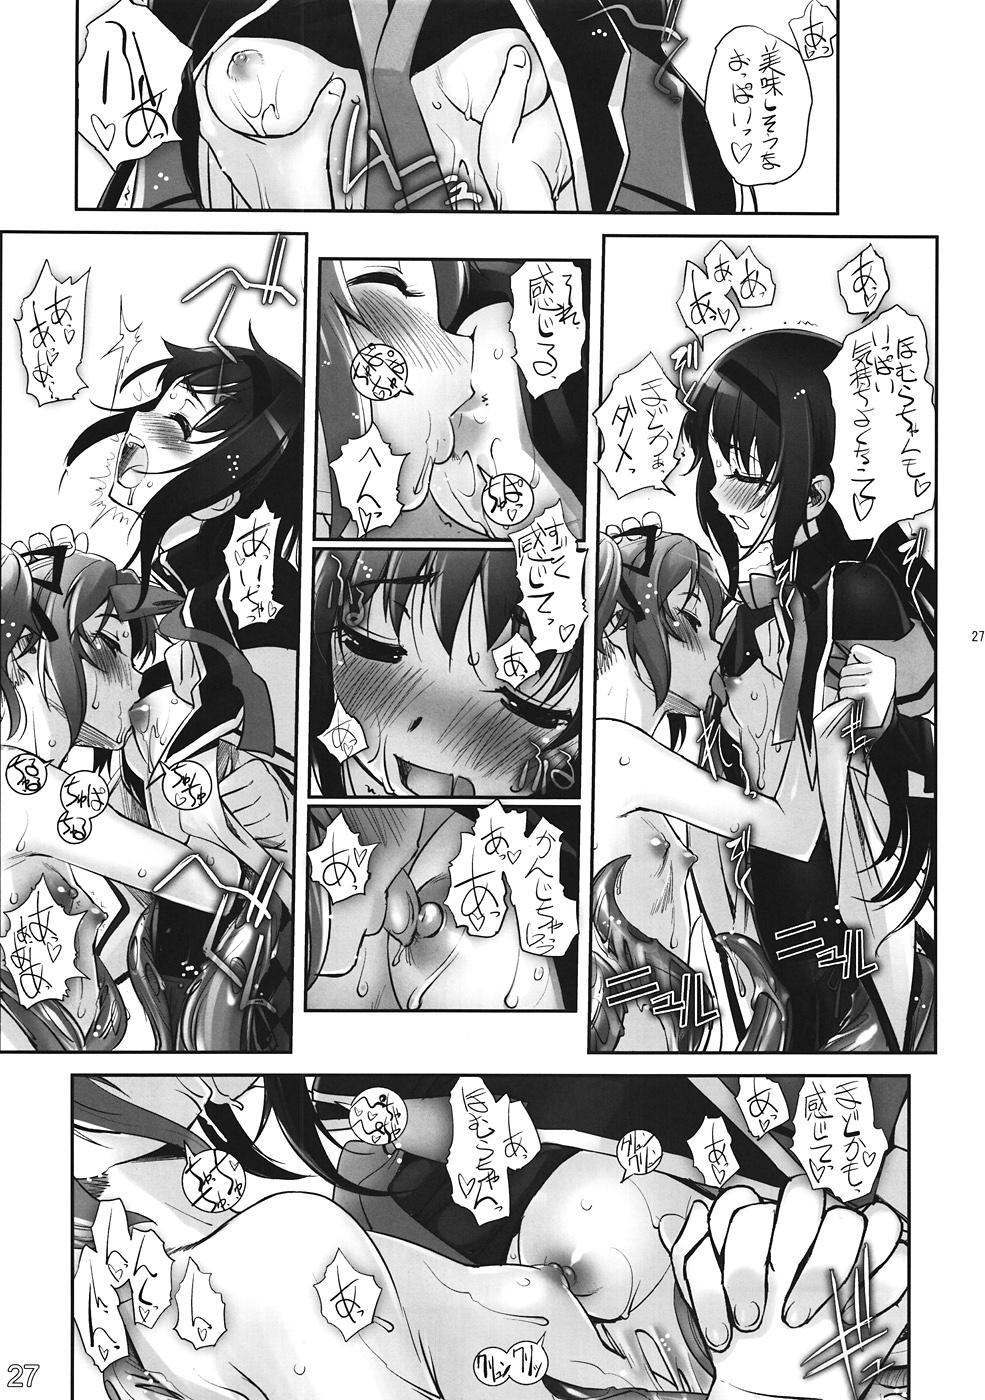 M☆M Erotic 25